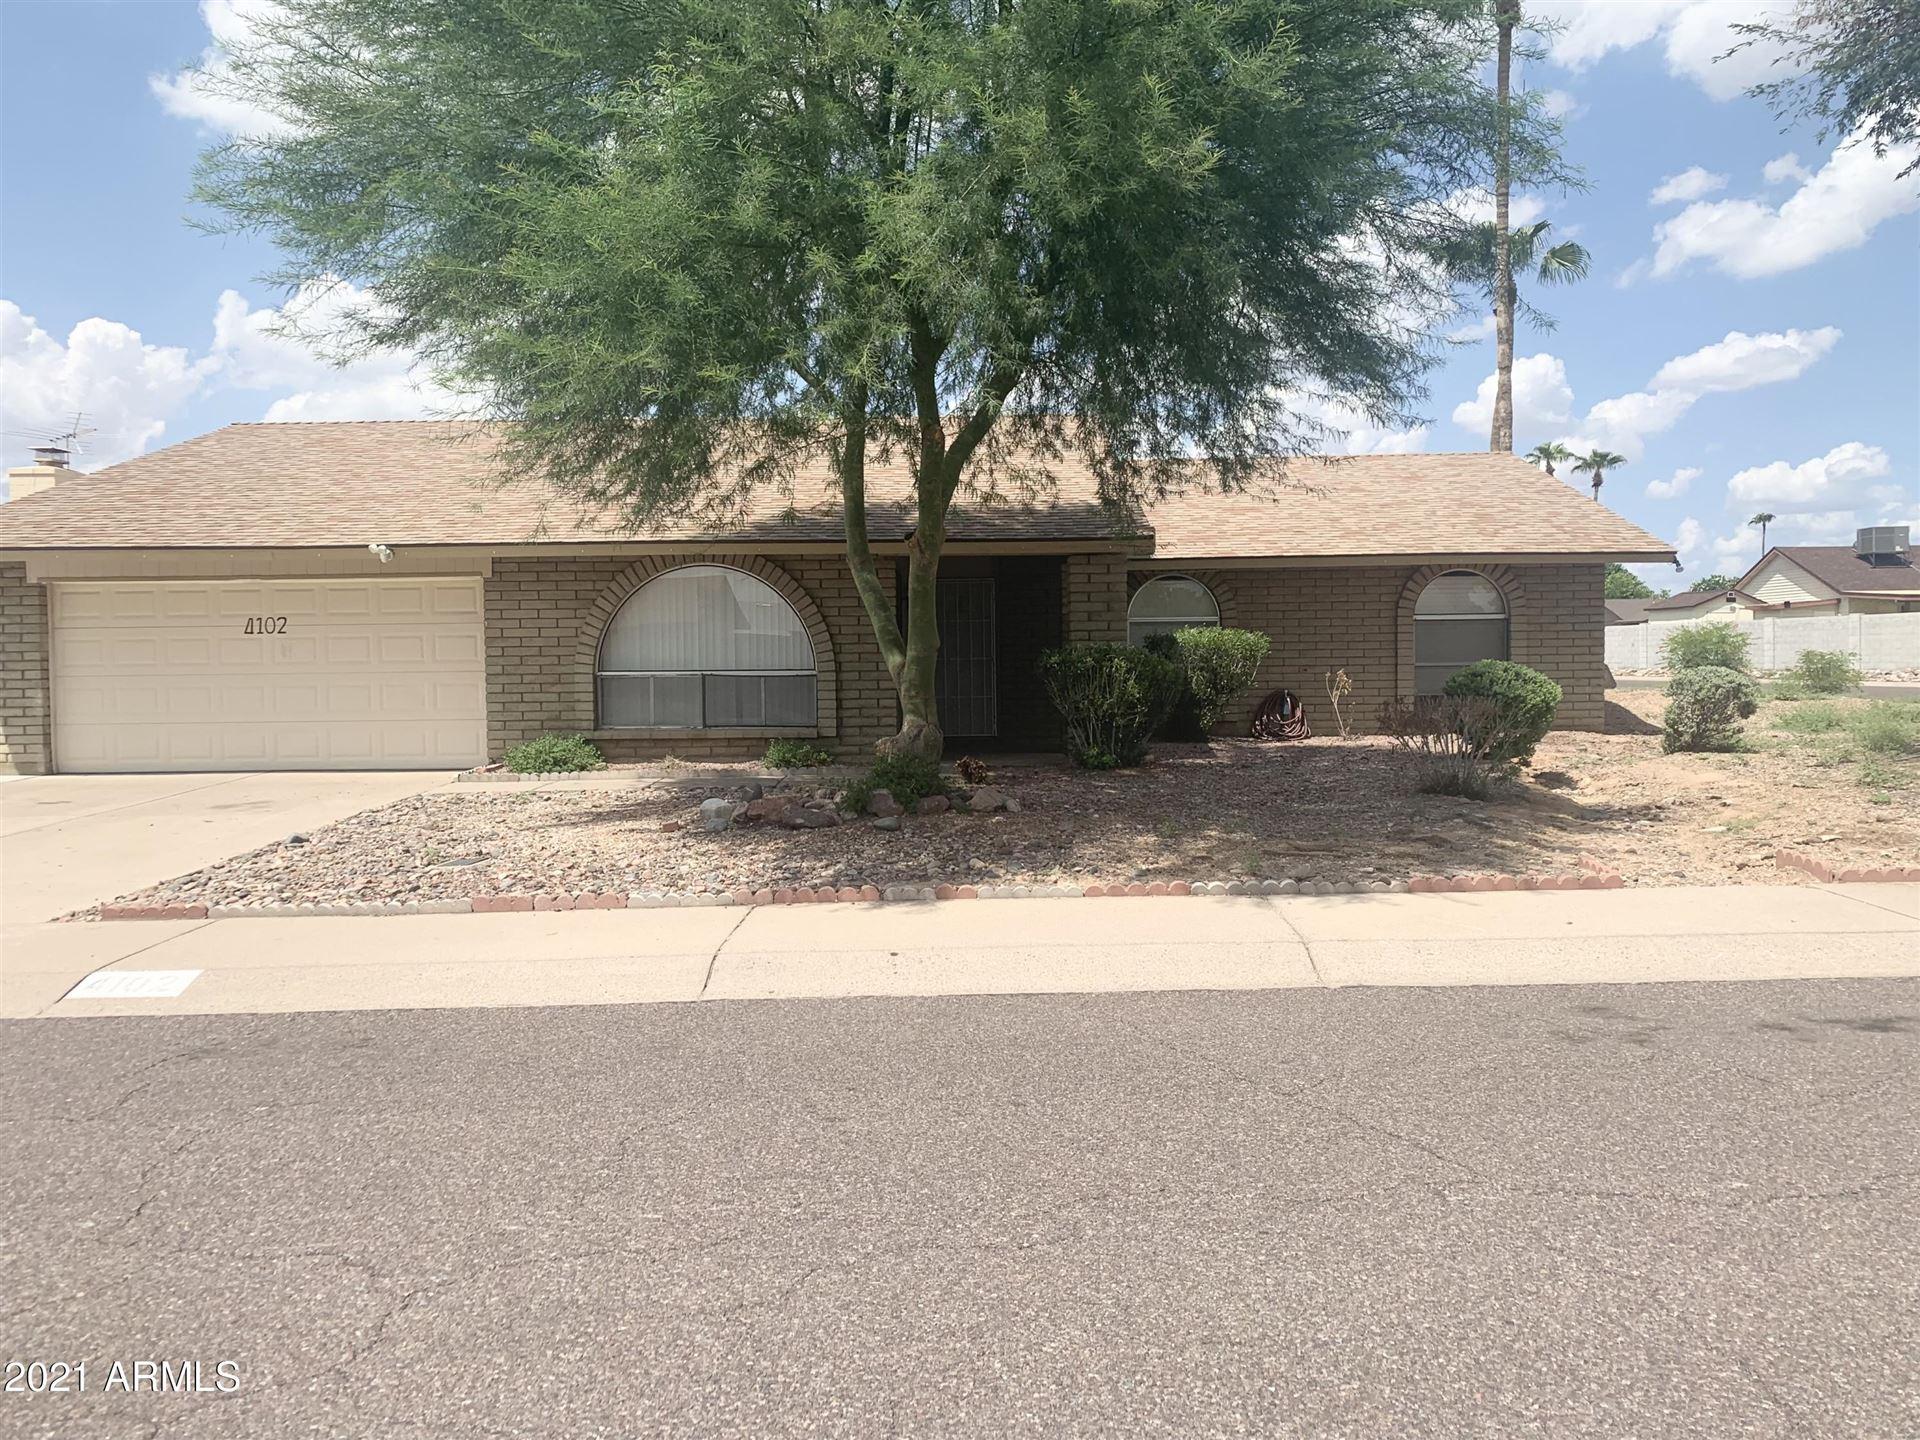 4102 W ANDERSON Drive, Glendale, AZ 85308 - MLS#: 6282614